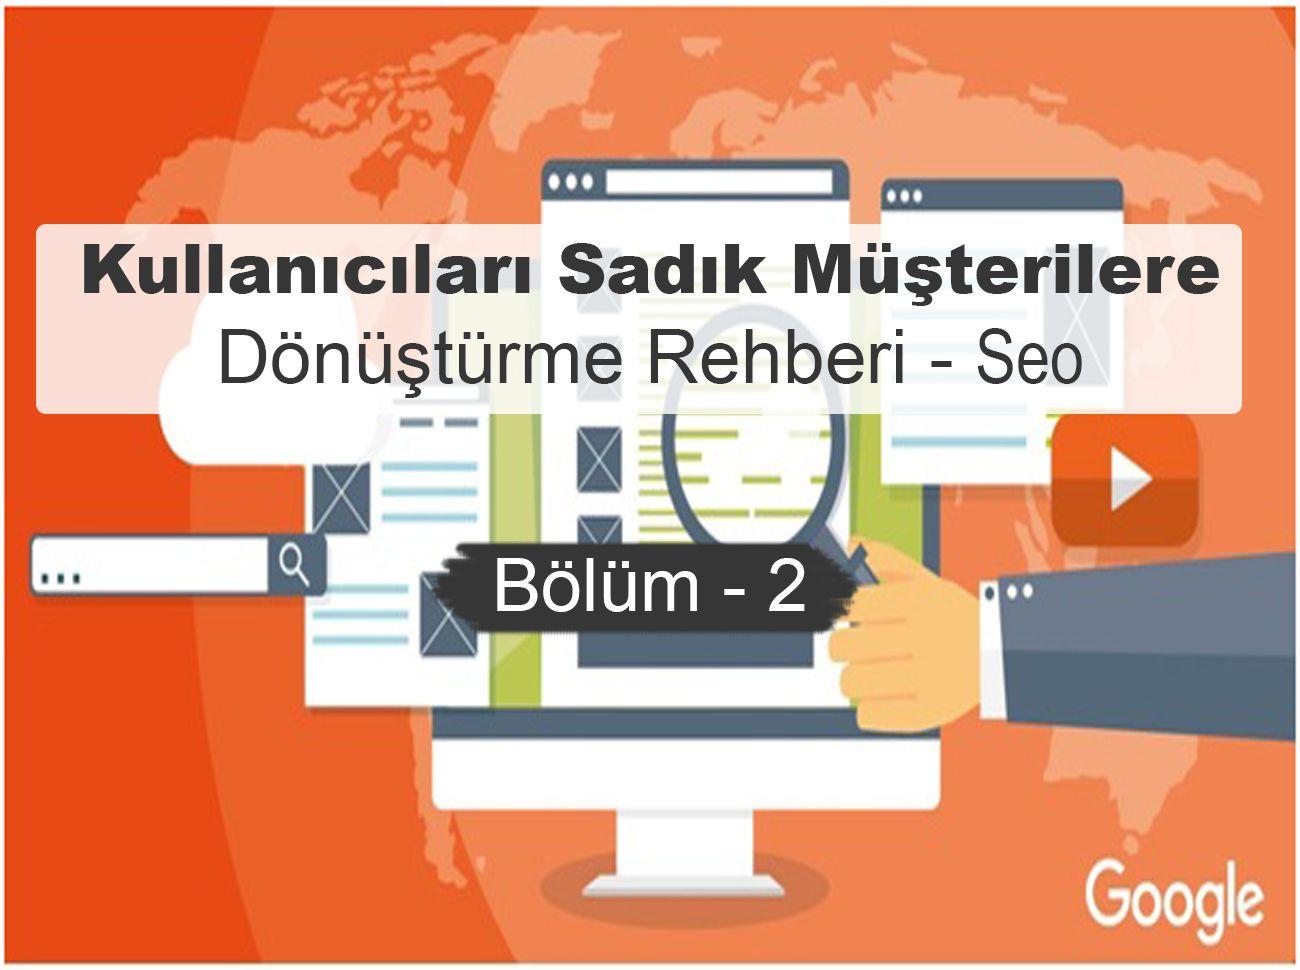 Kullanıcıları Sadık Müşterilere Dönüştürme Rehberi – Seo (Bölüm – 2)